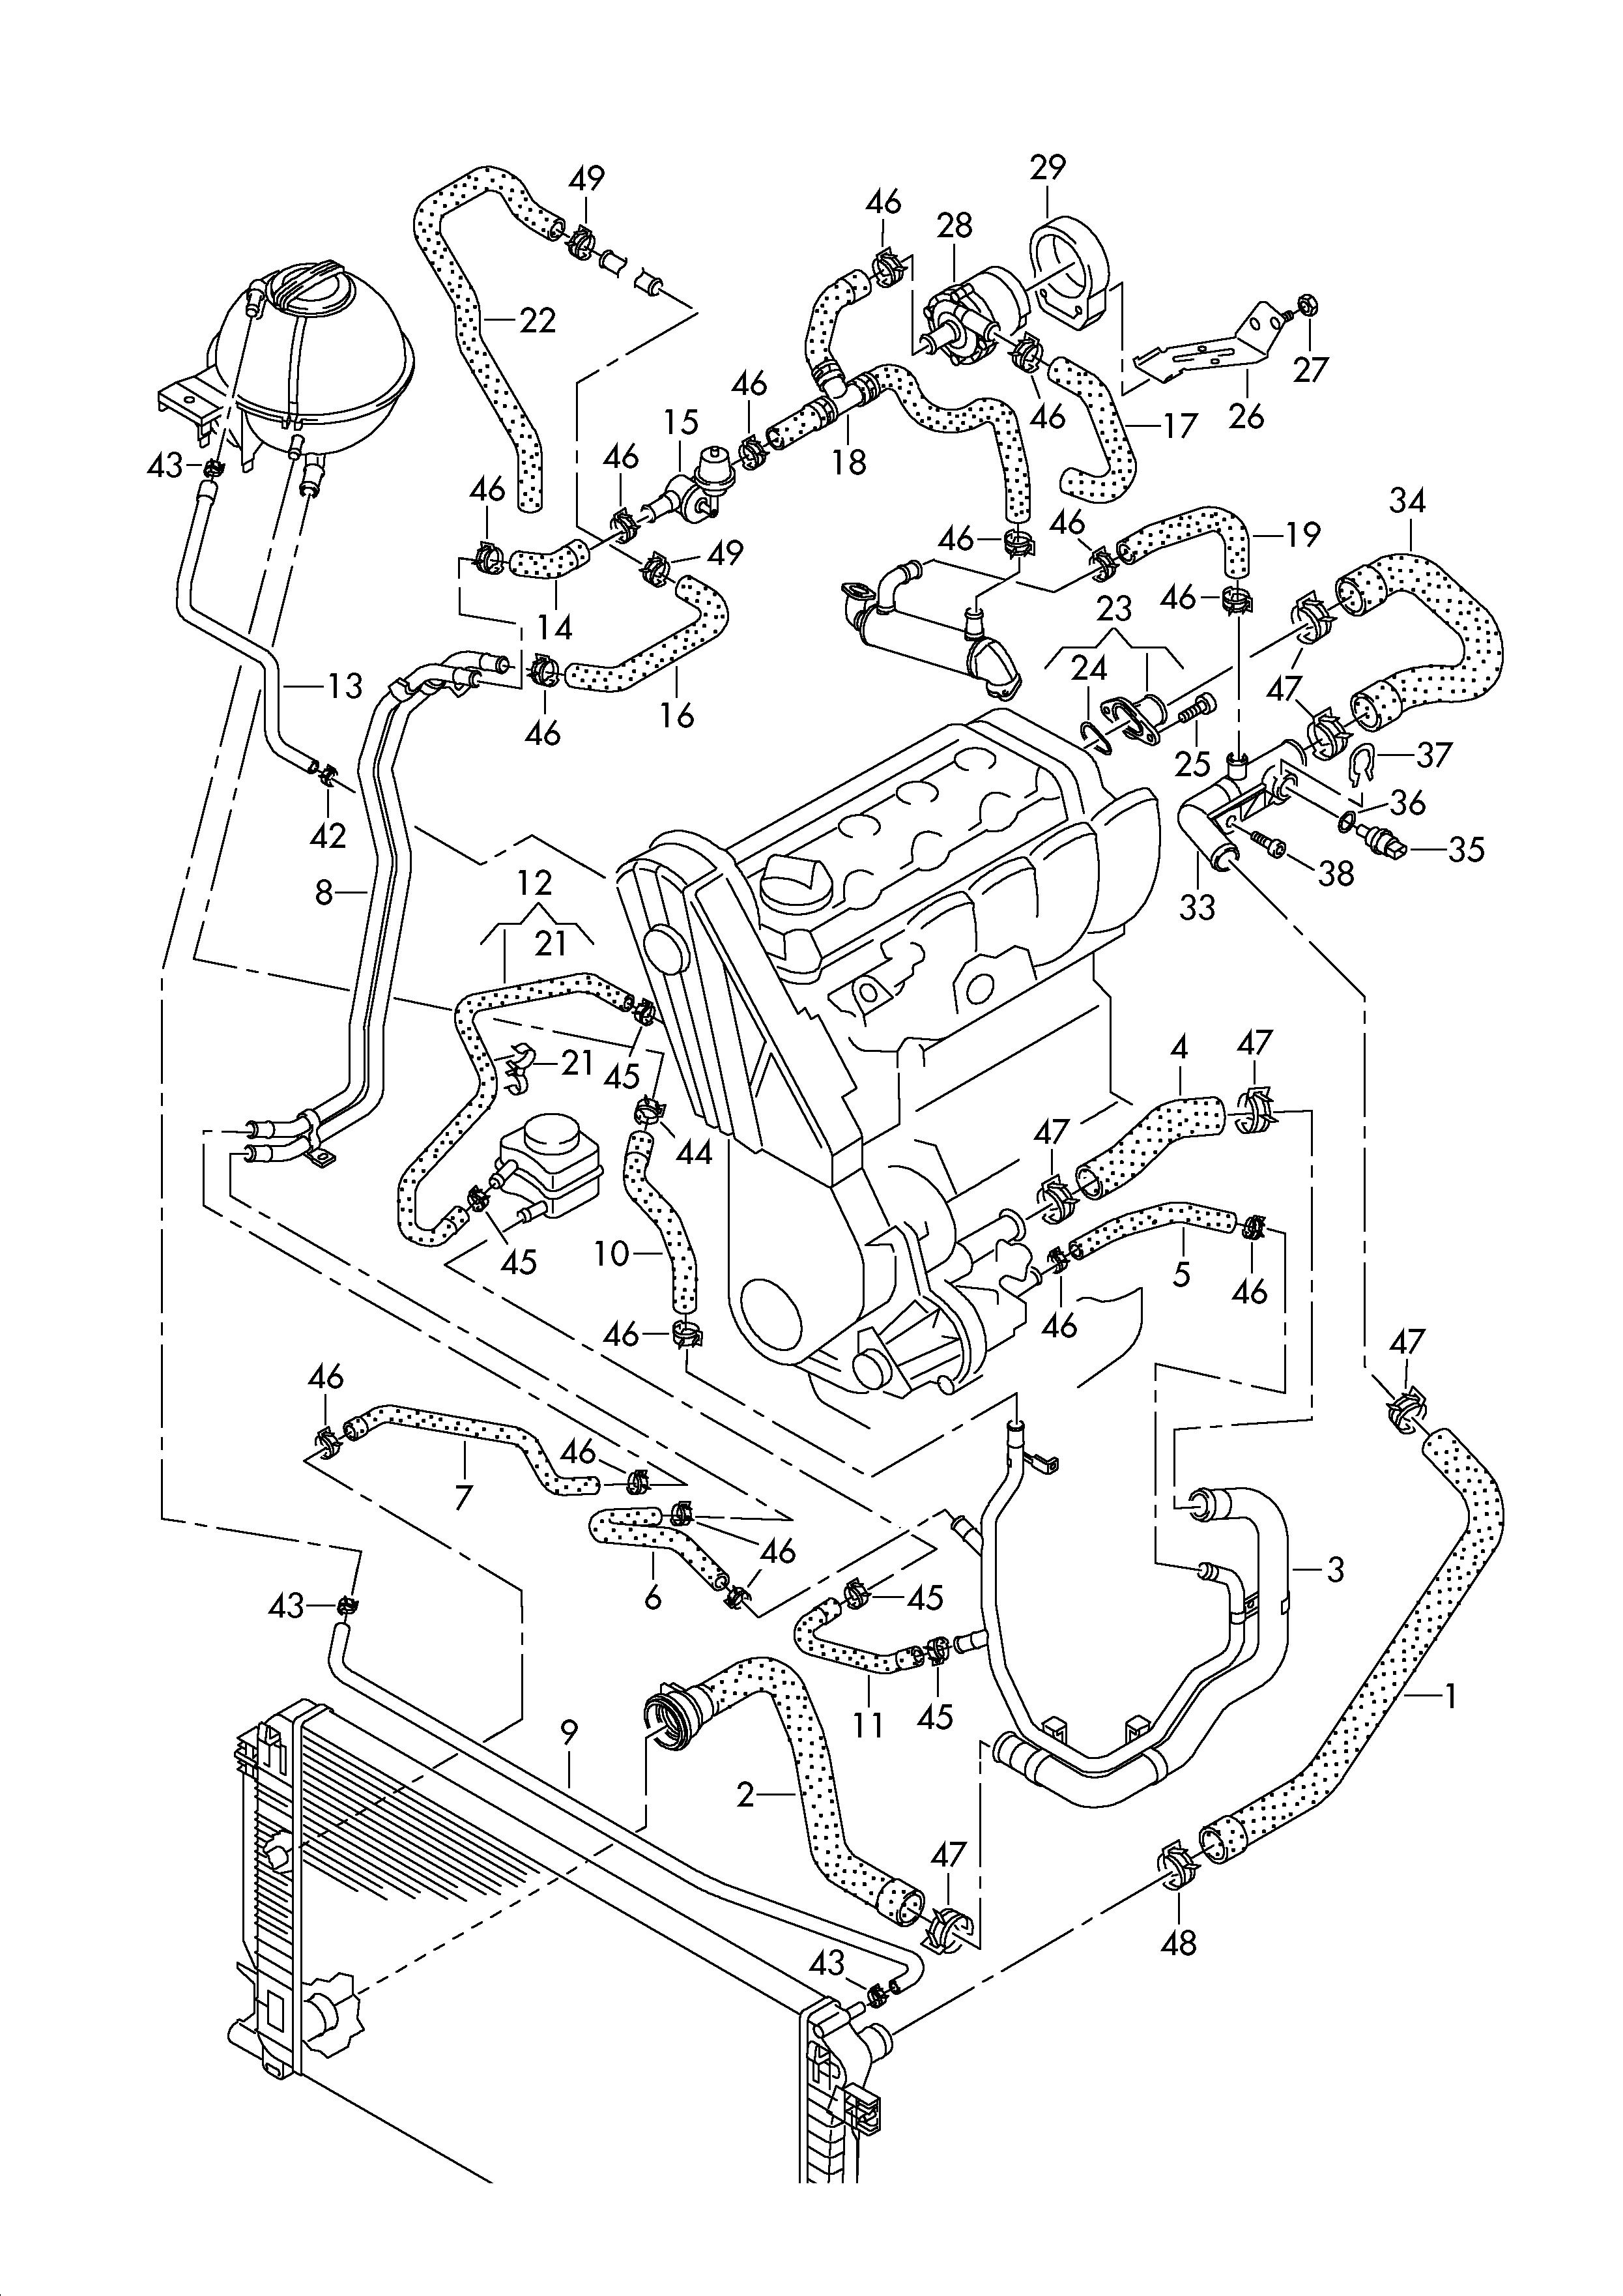 volkswagen crafter  2012 - 2017